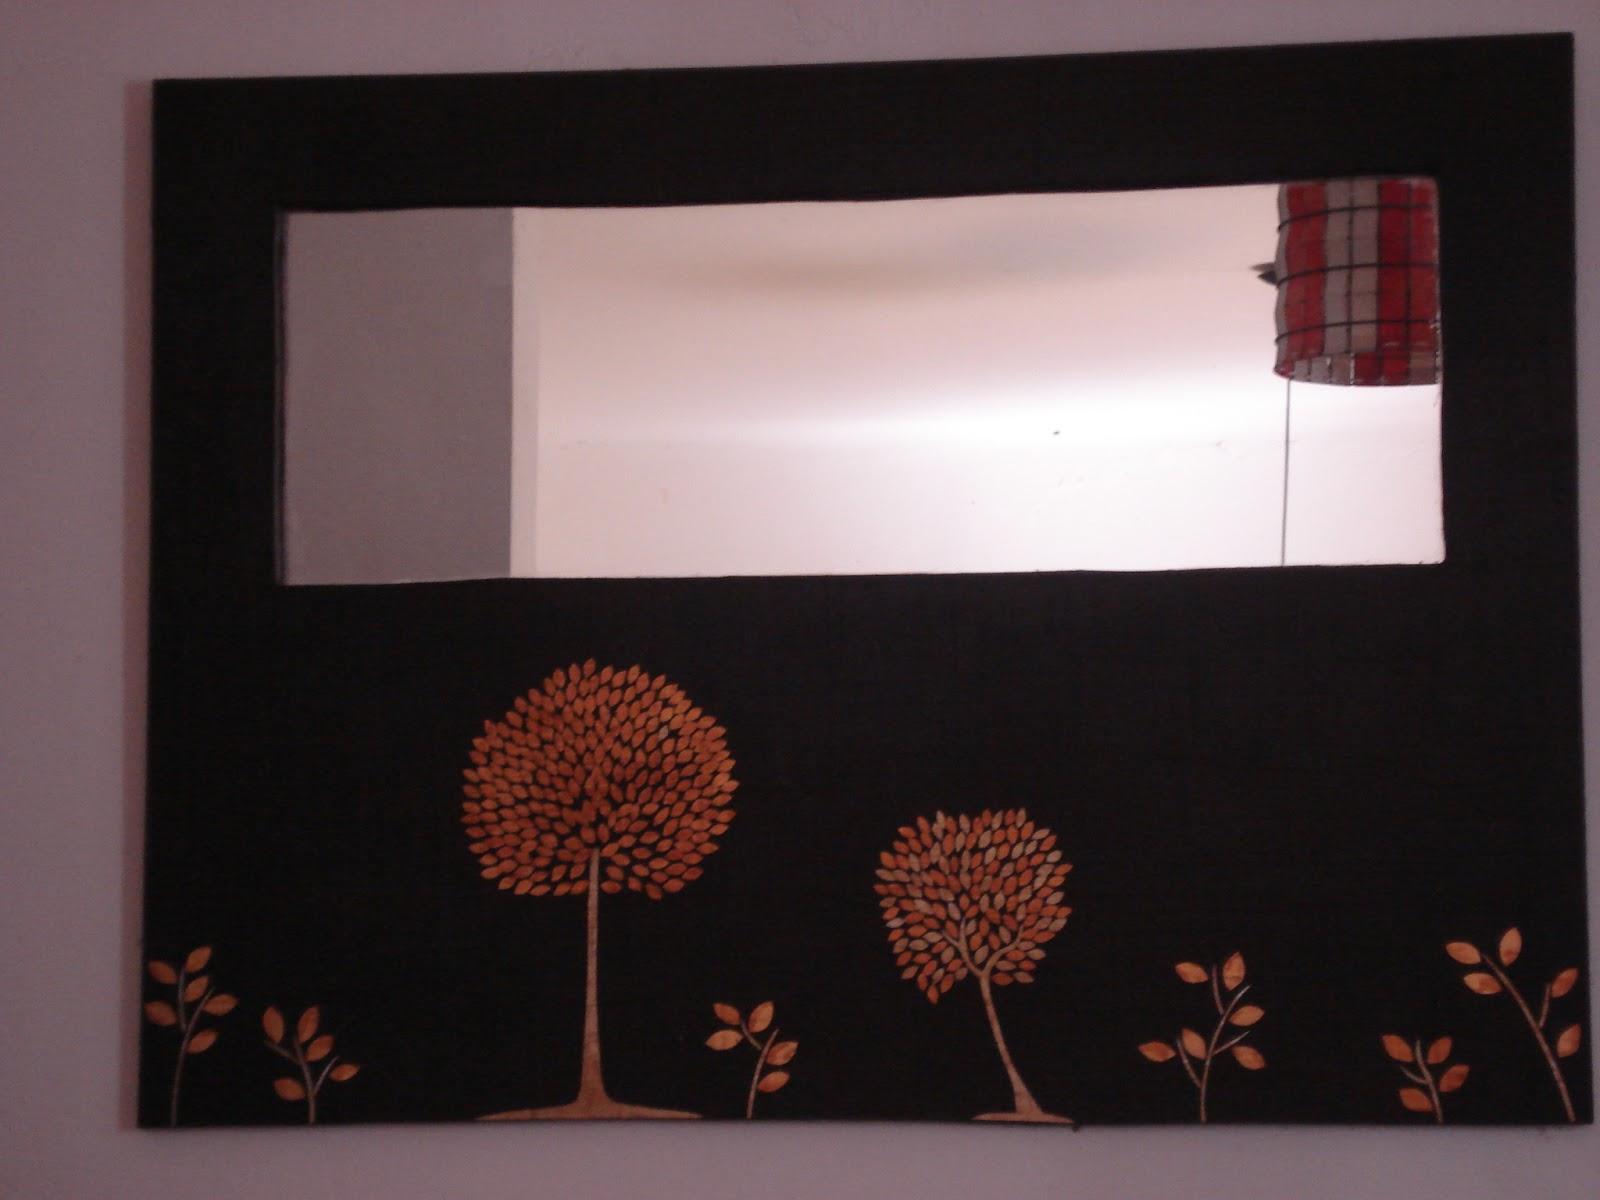 Espejos creativos y de dise o espejos con dise os en l minas doradas y plateadas - Espejos con diseno ...